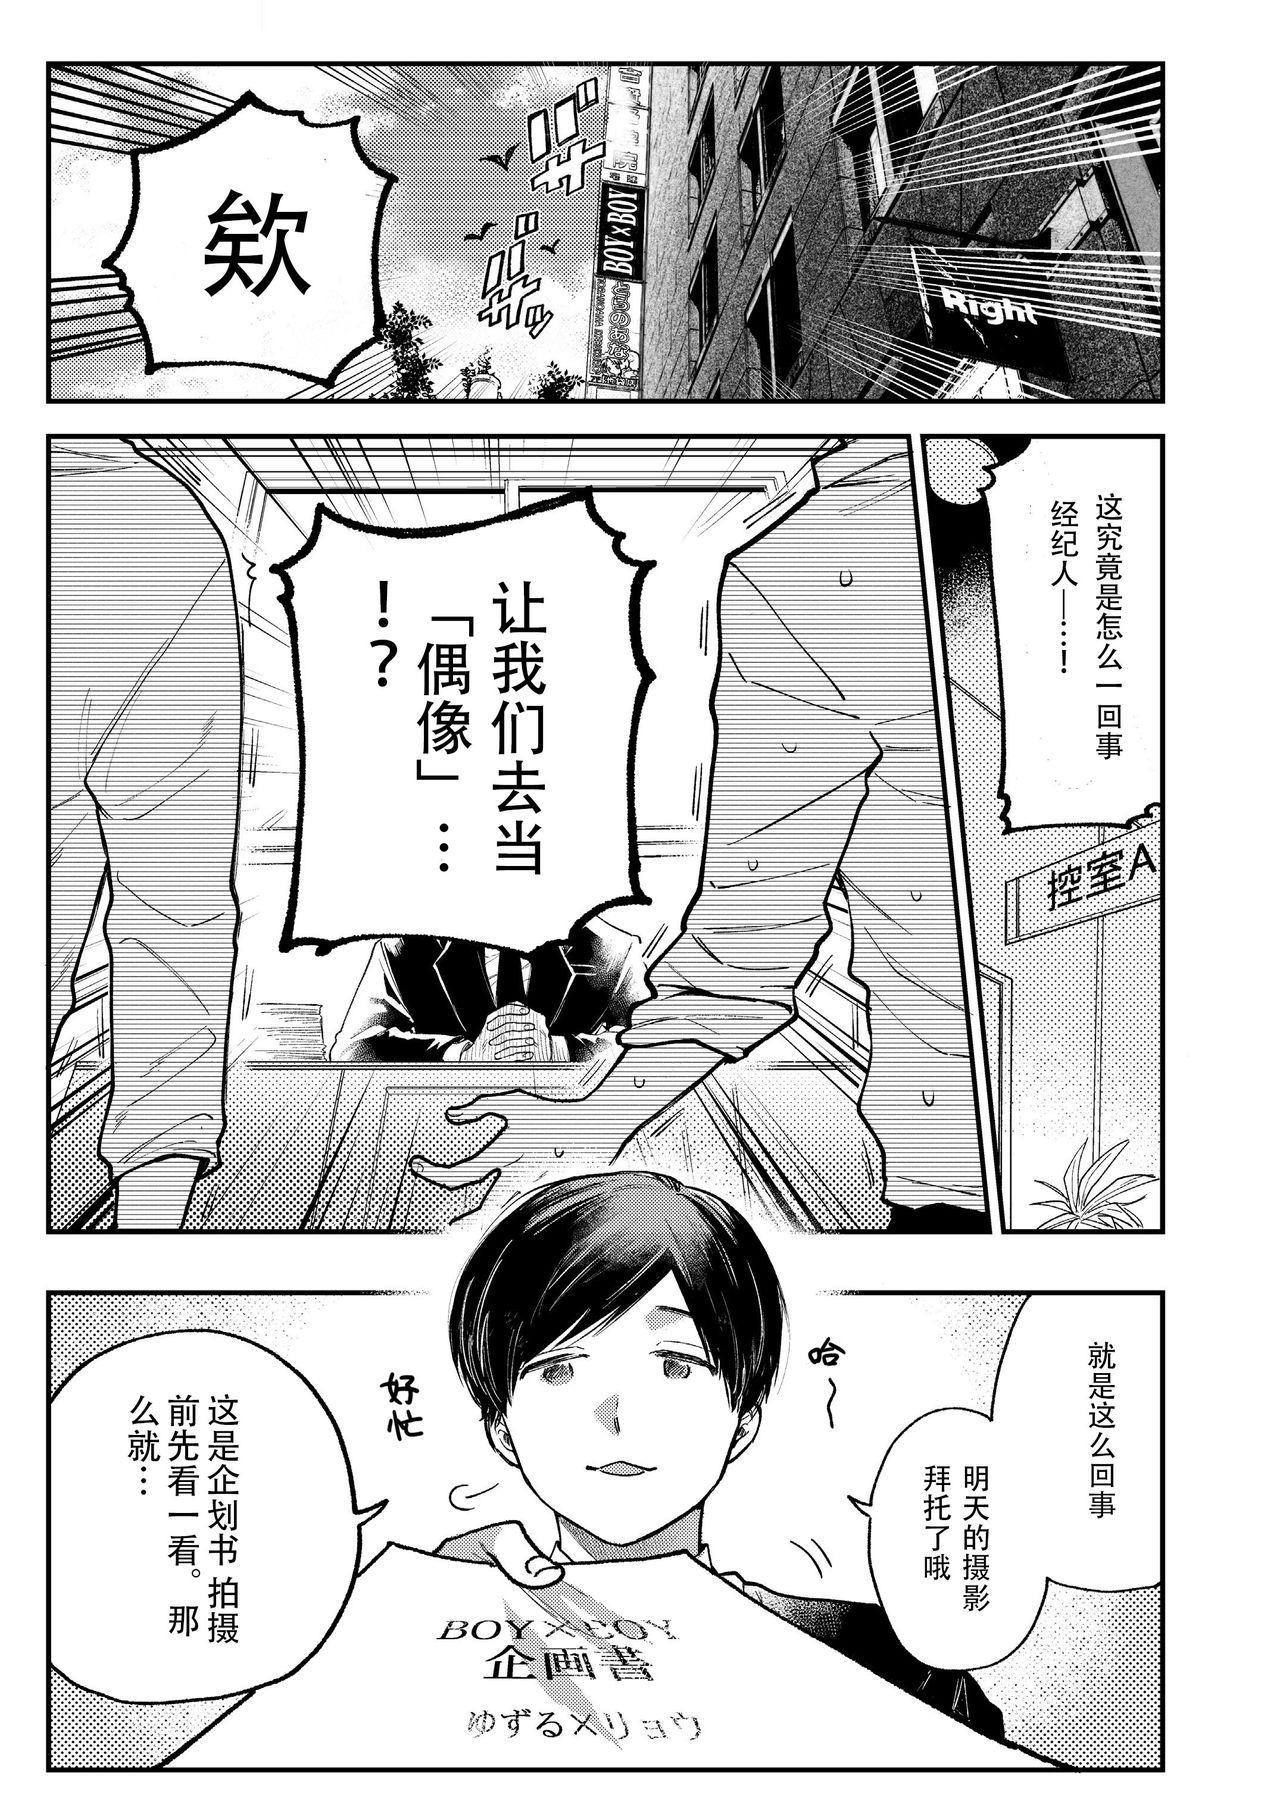 BOY x BOY IDOL COLLECTION!   男男爱豆搜罗! 13